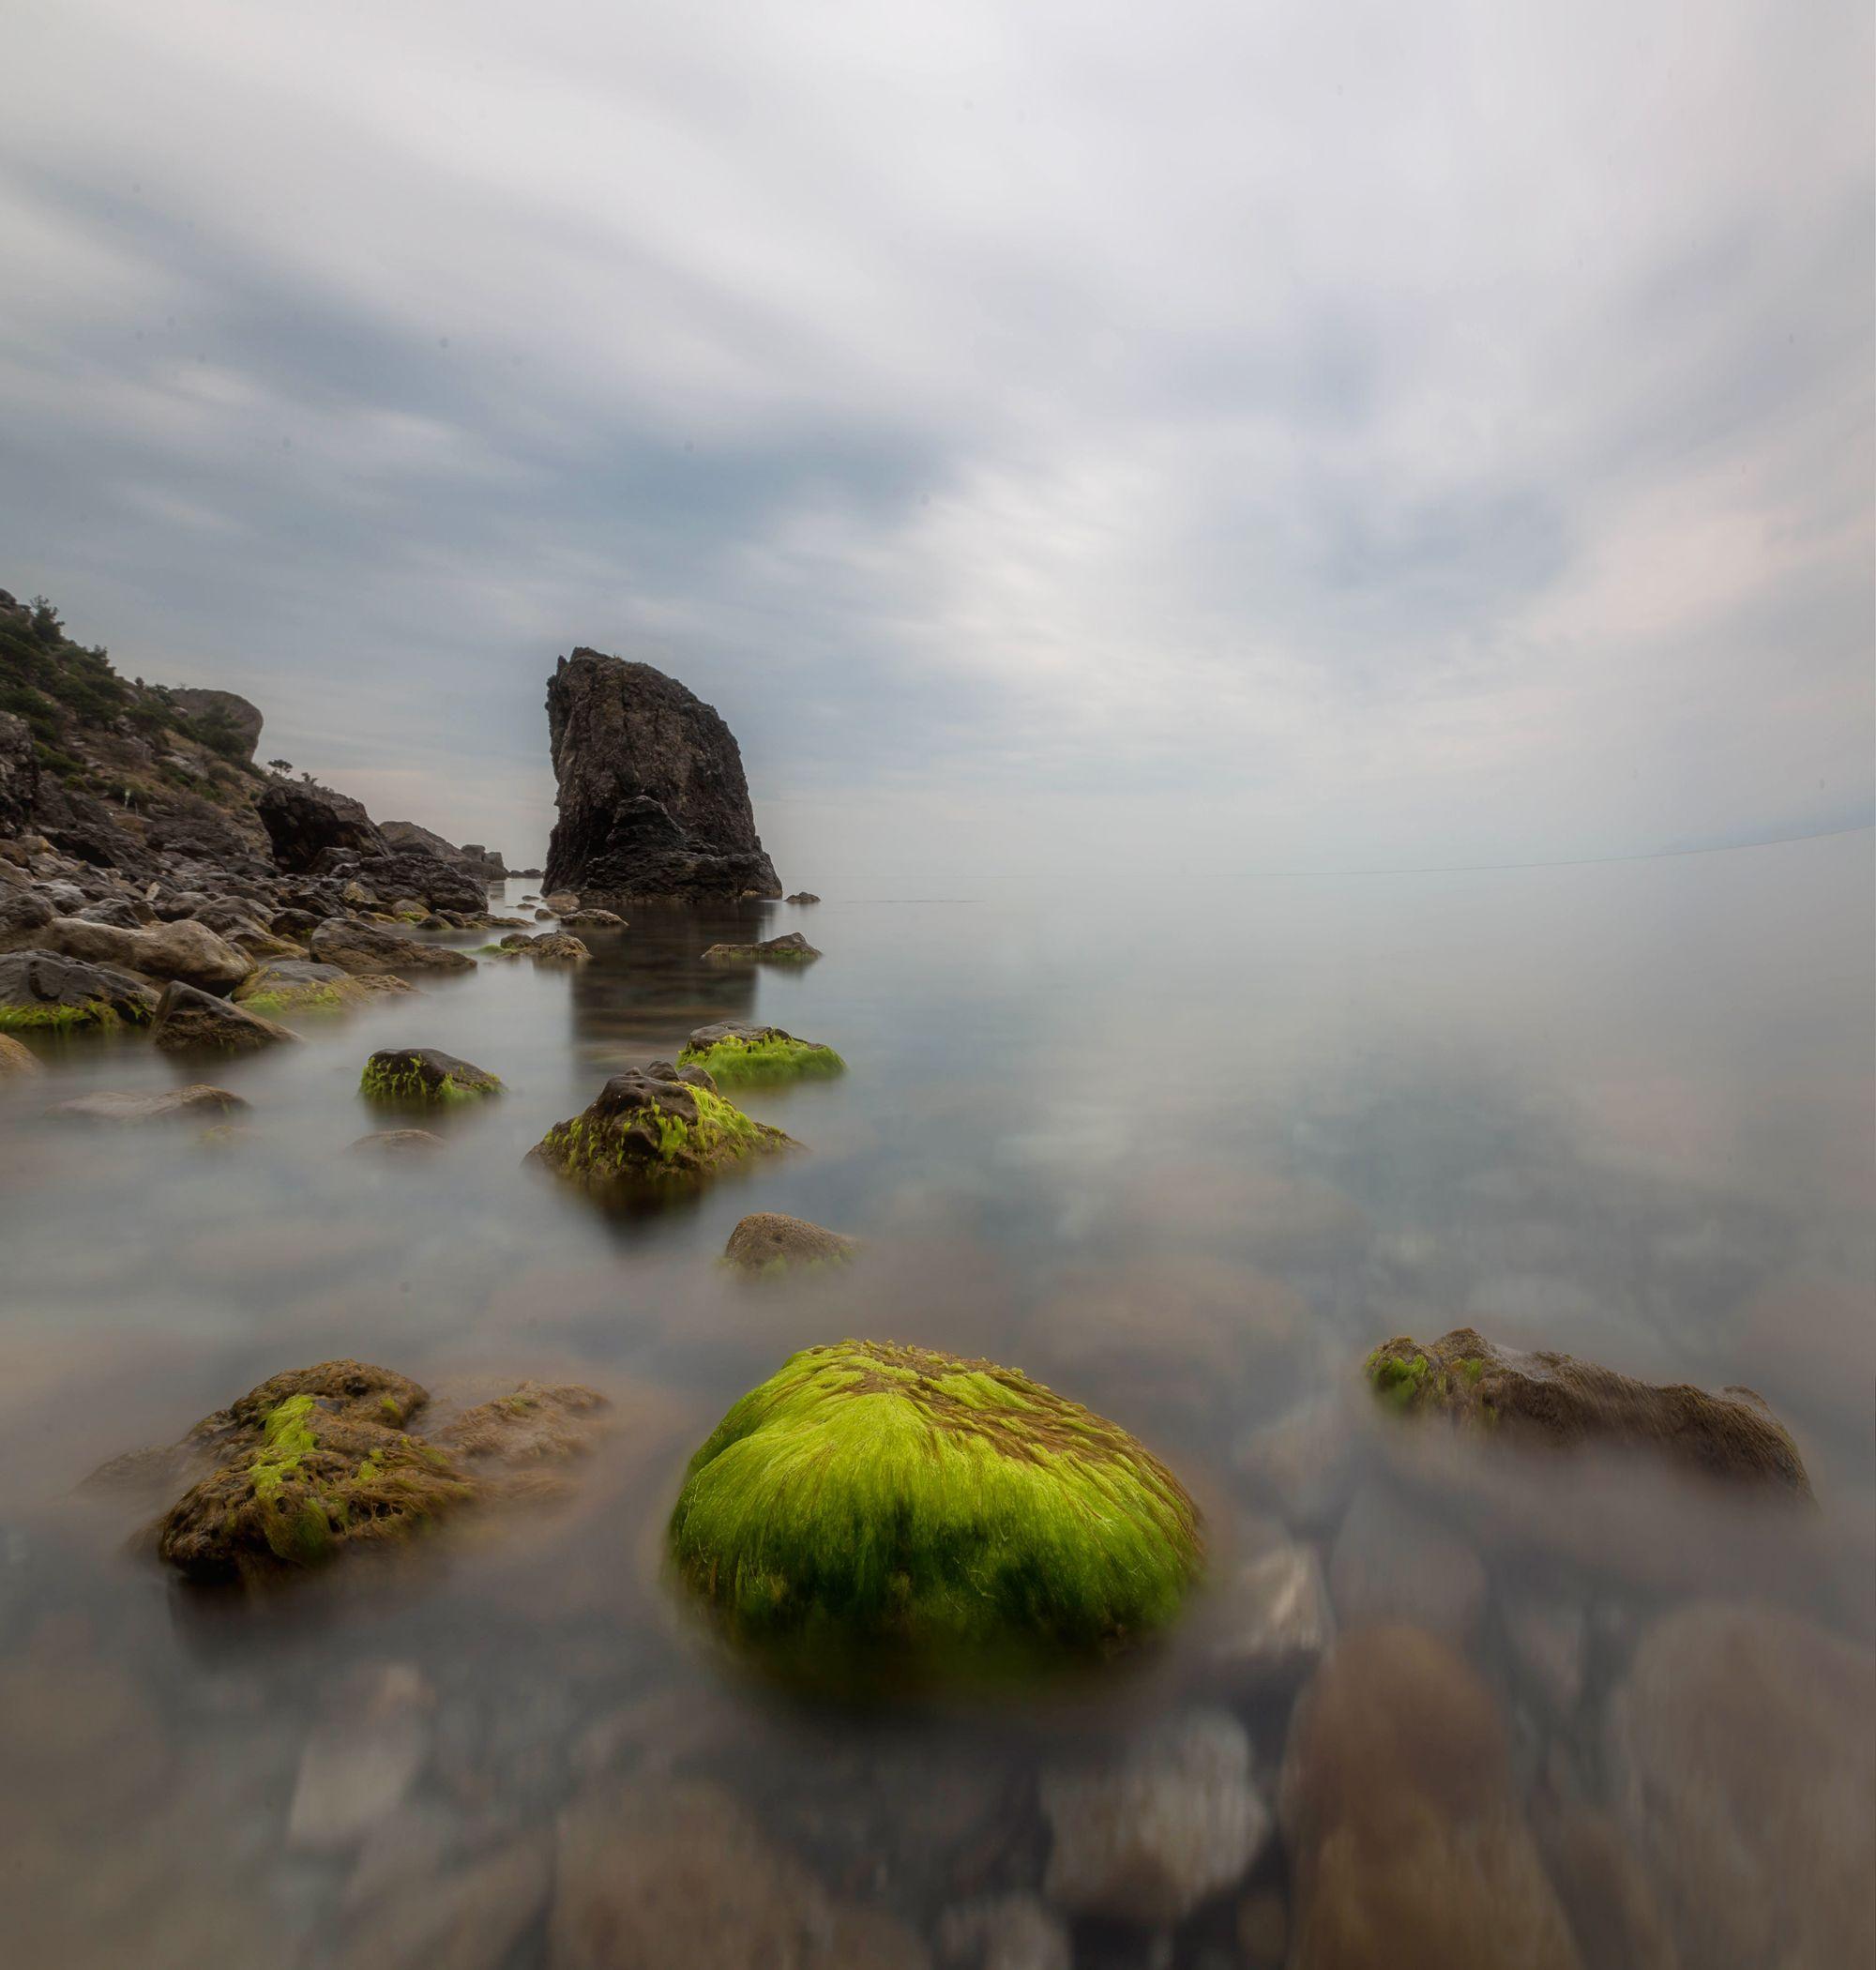 крым, море, экспозиция, камни, Ващенков Павел